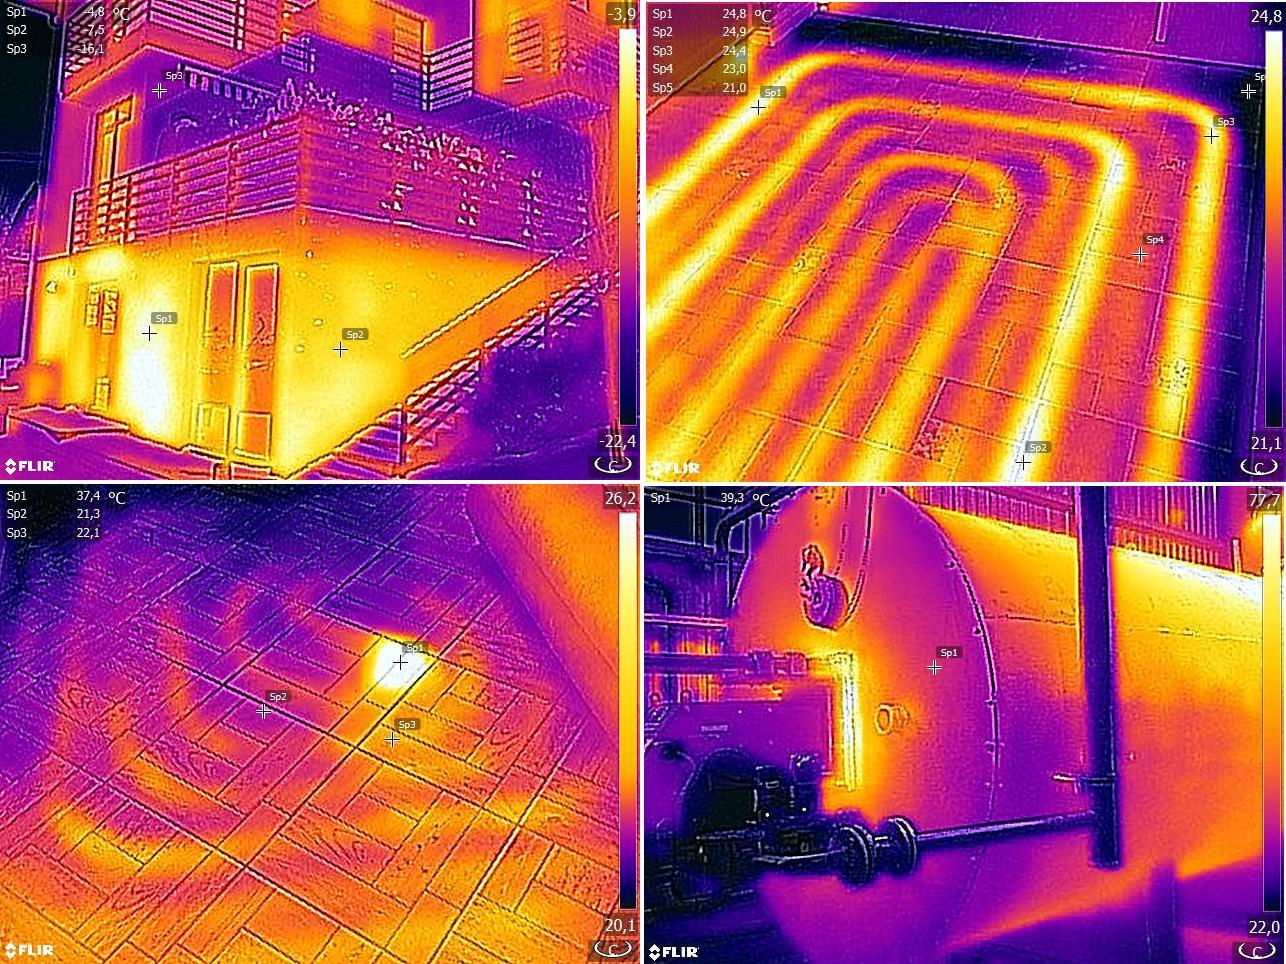 Тепловизор для обследования зданий и сооружений: прибор, позволяющий экономить